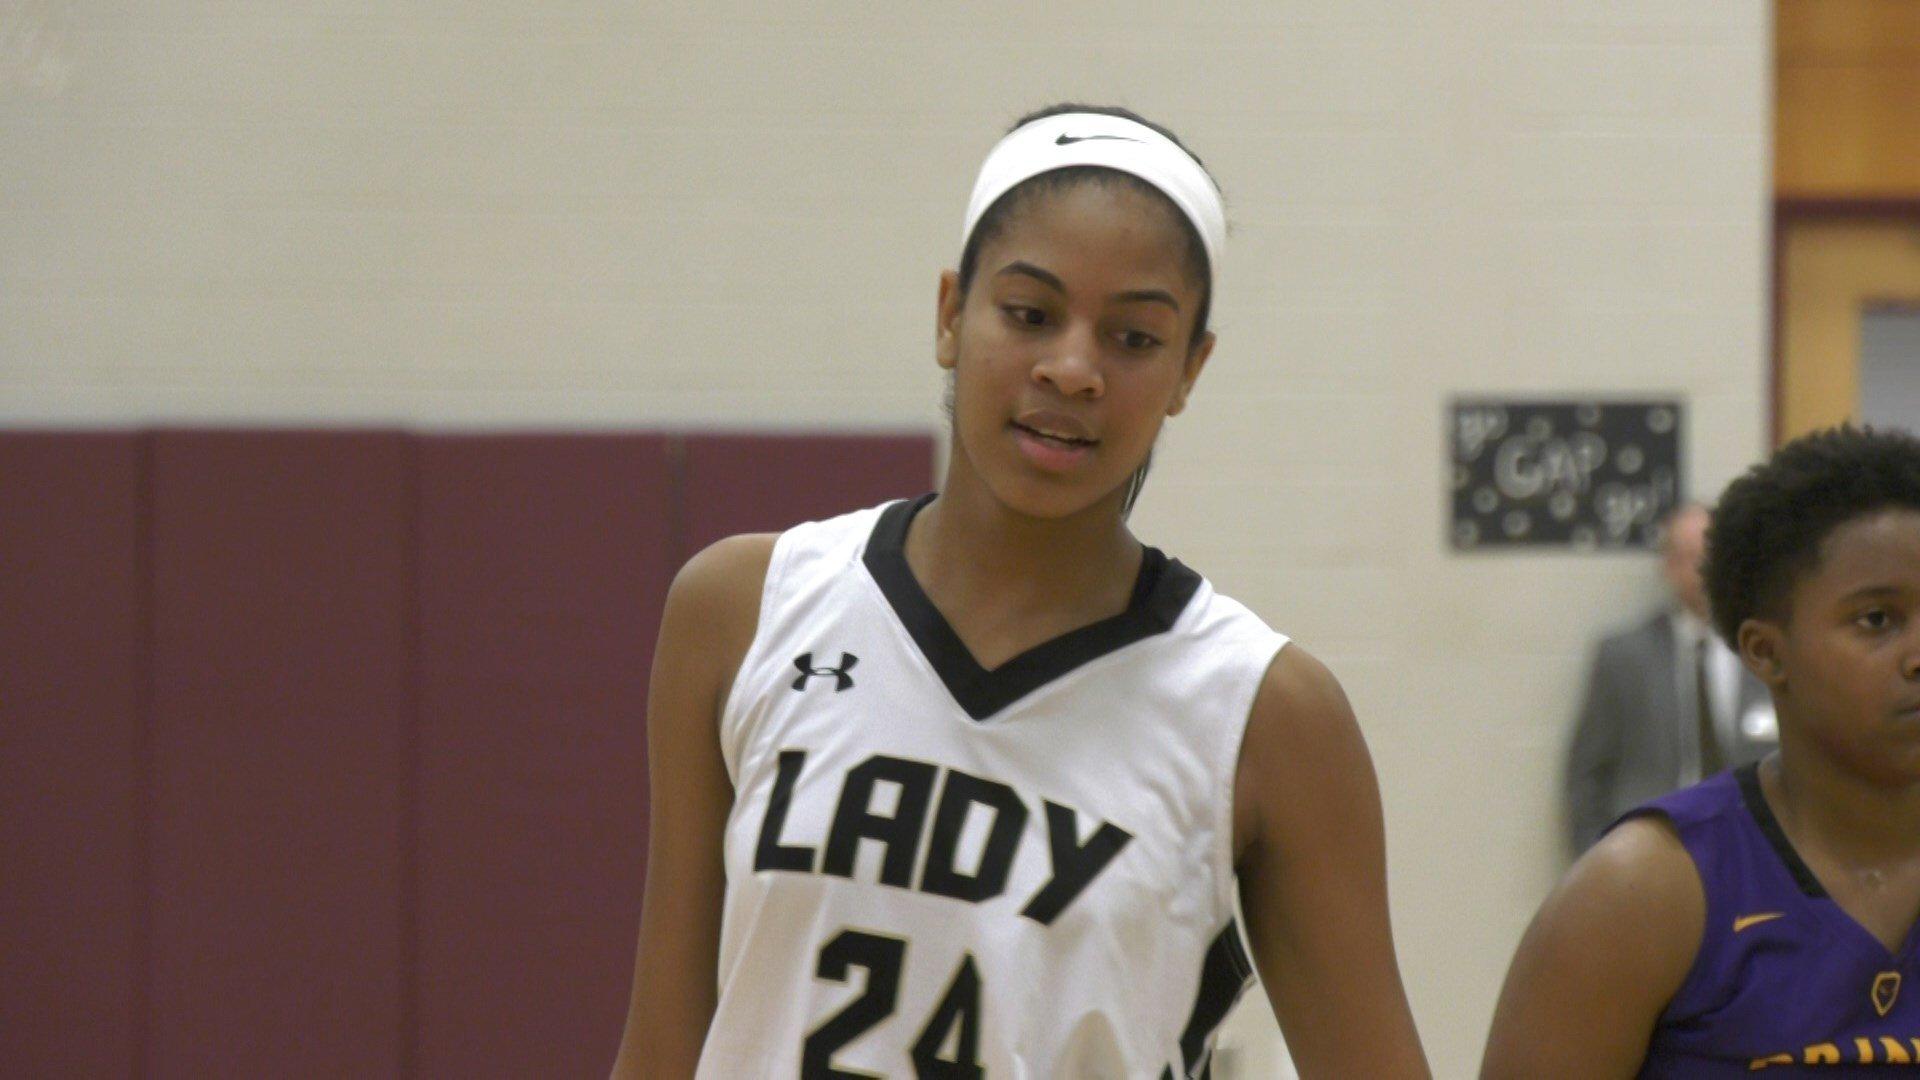 Amaya Lucas led Buffalo Gap with 20 points